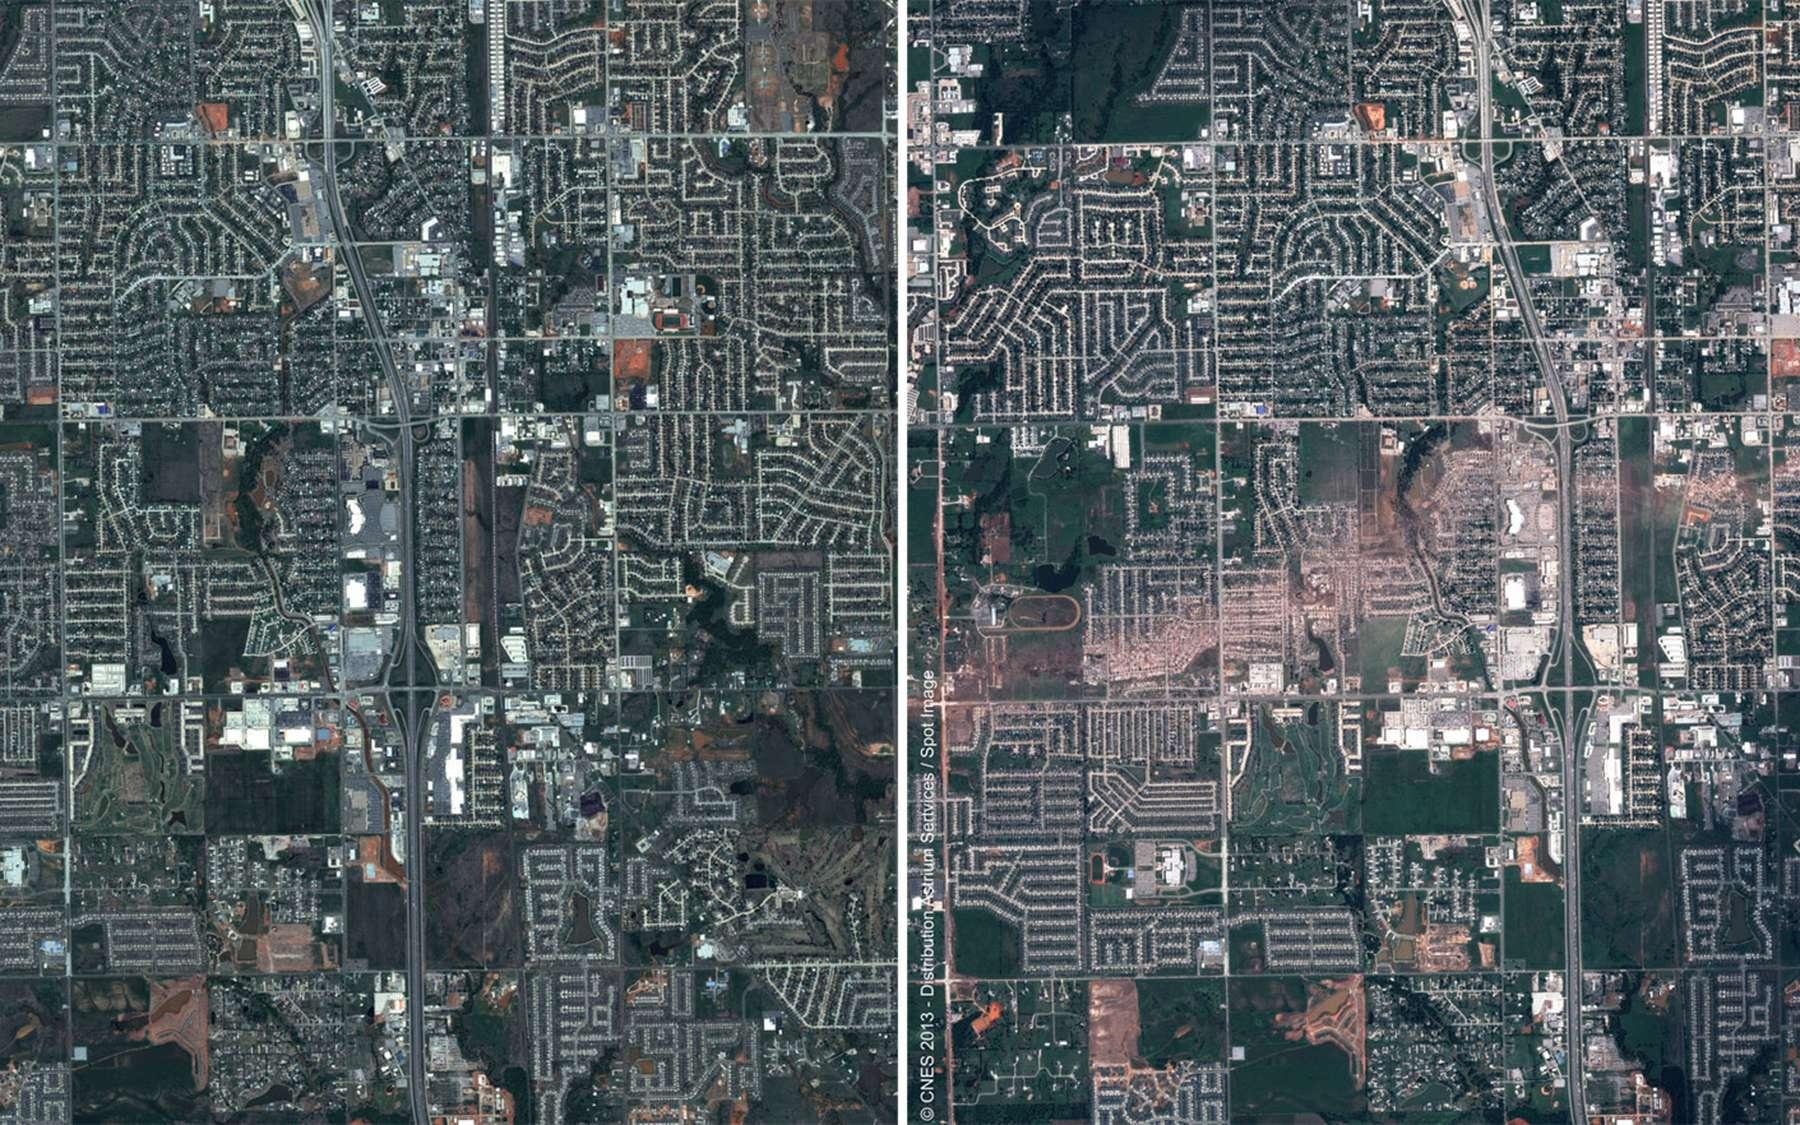 La ville de Moore avant et après le passage de la tornade géante le 20 mai. Chaque image représente une surface de six à sept kilomètres de côté. © Cnes, Distribution Astrium Services, Spot Image, 2013